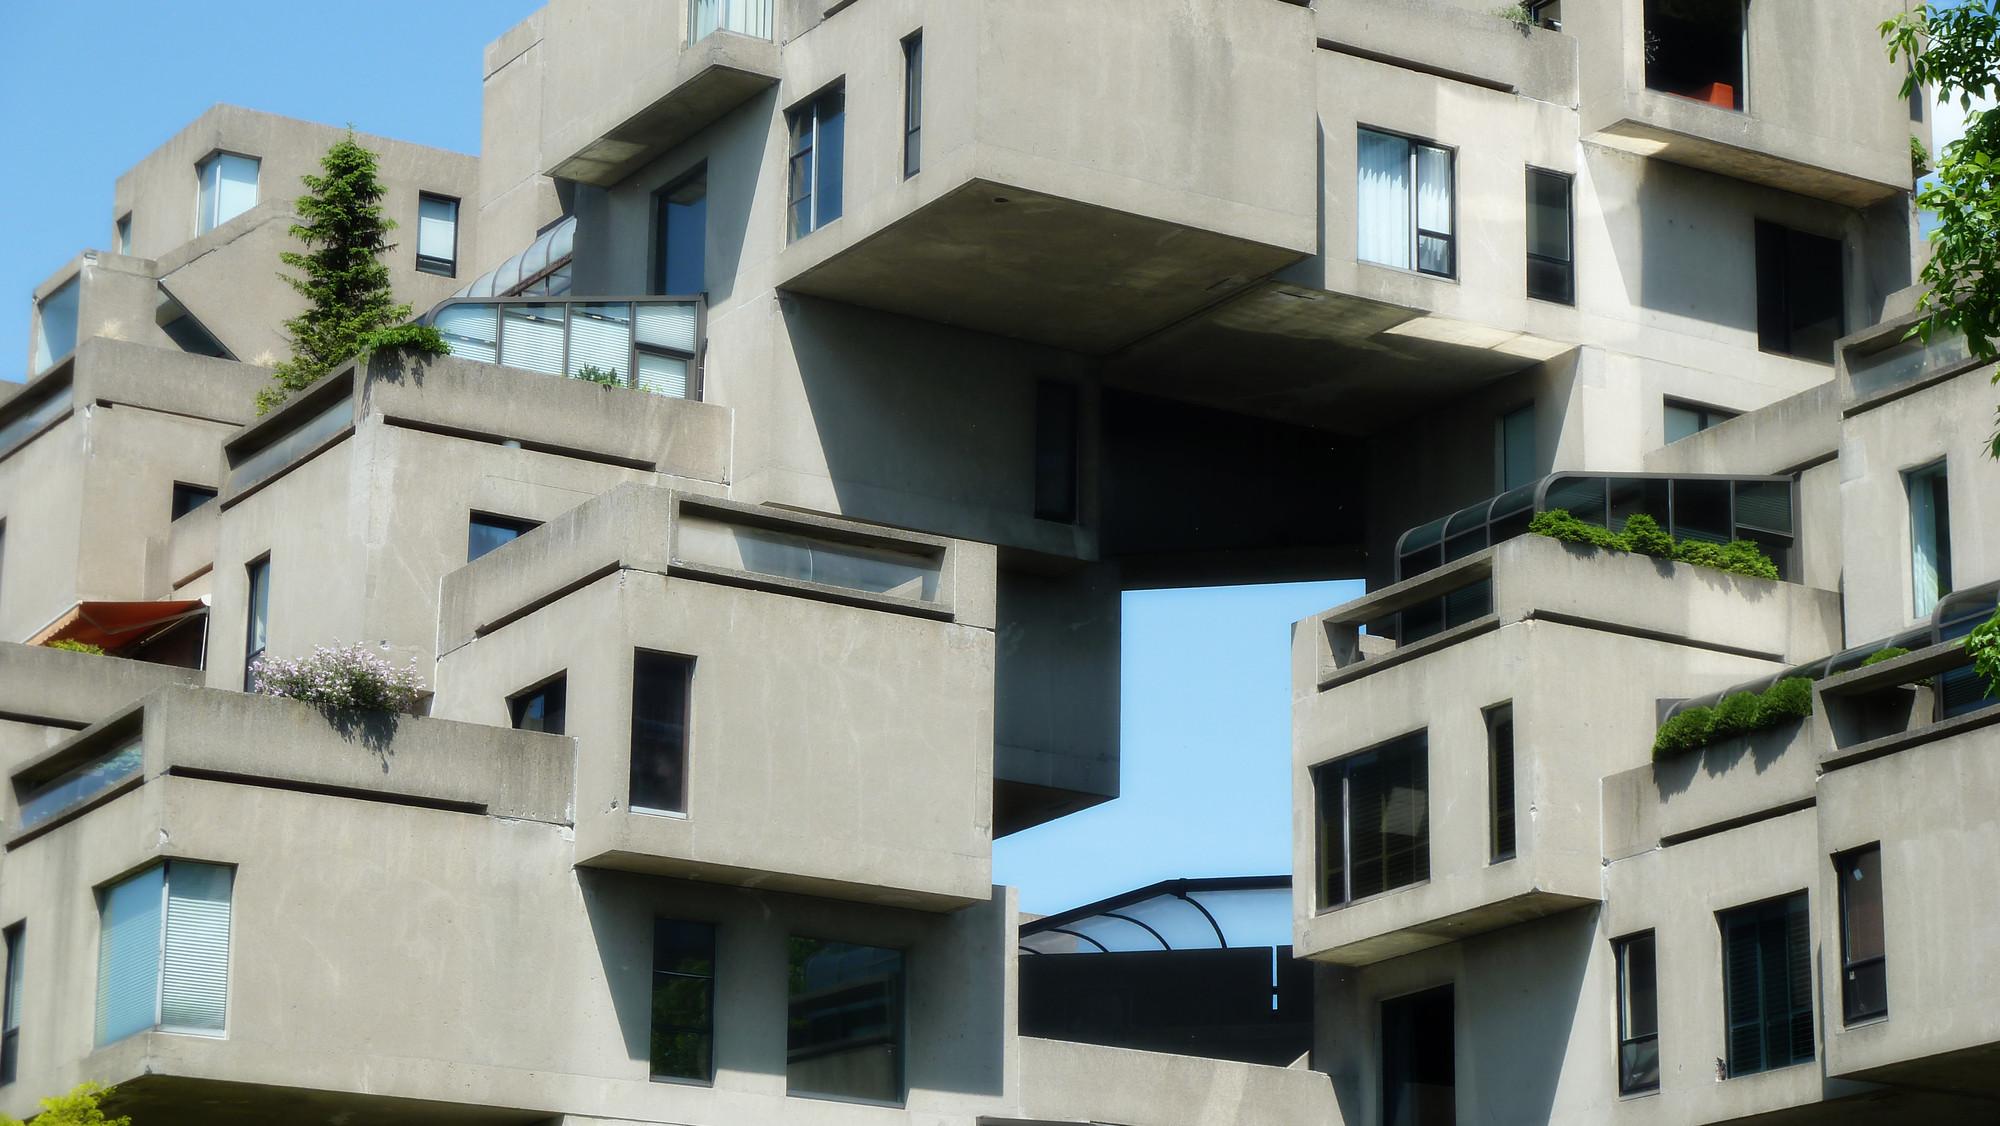 Cl sicos de arquitectura h bitat 67 moshe safdie Arquitectura brutalista